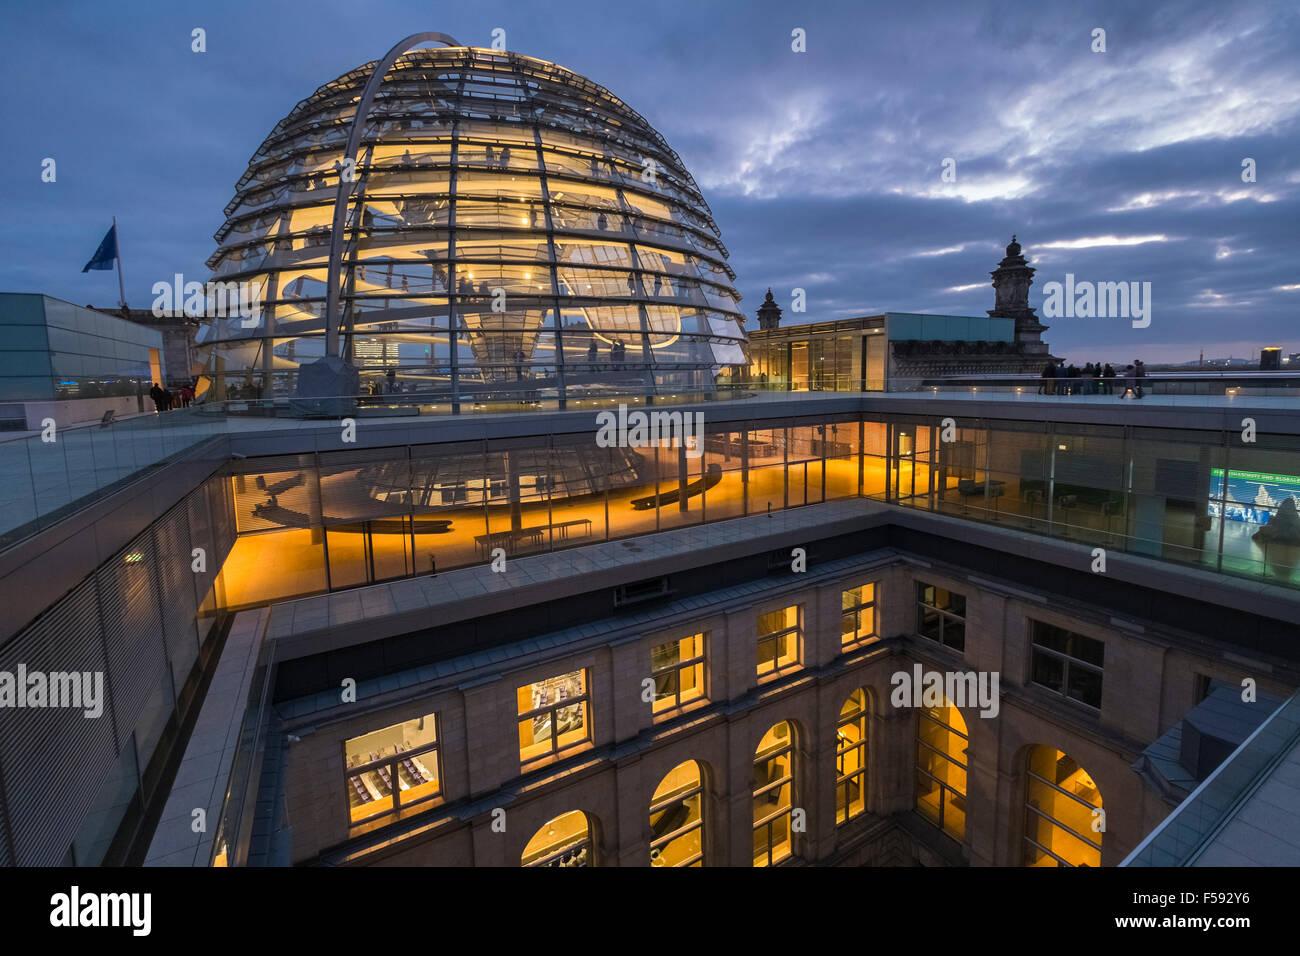 Moderne architektur der glas kuppel konstruktion in der d mmerung dachterrasse reichstag - Moderne architektur in deutschland ...